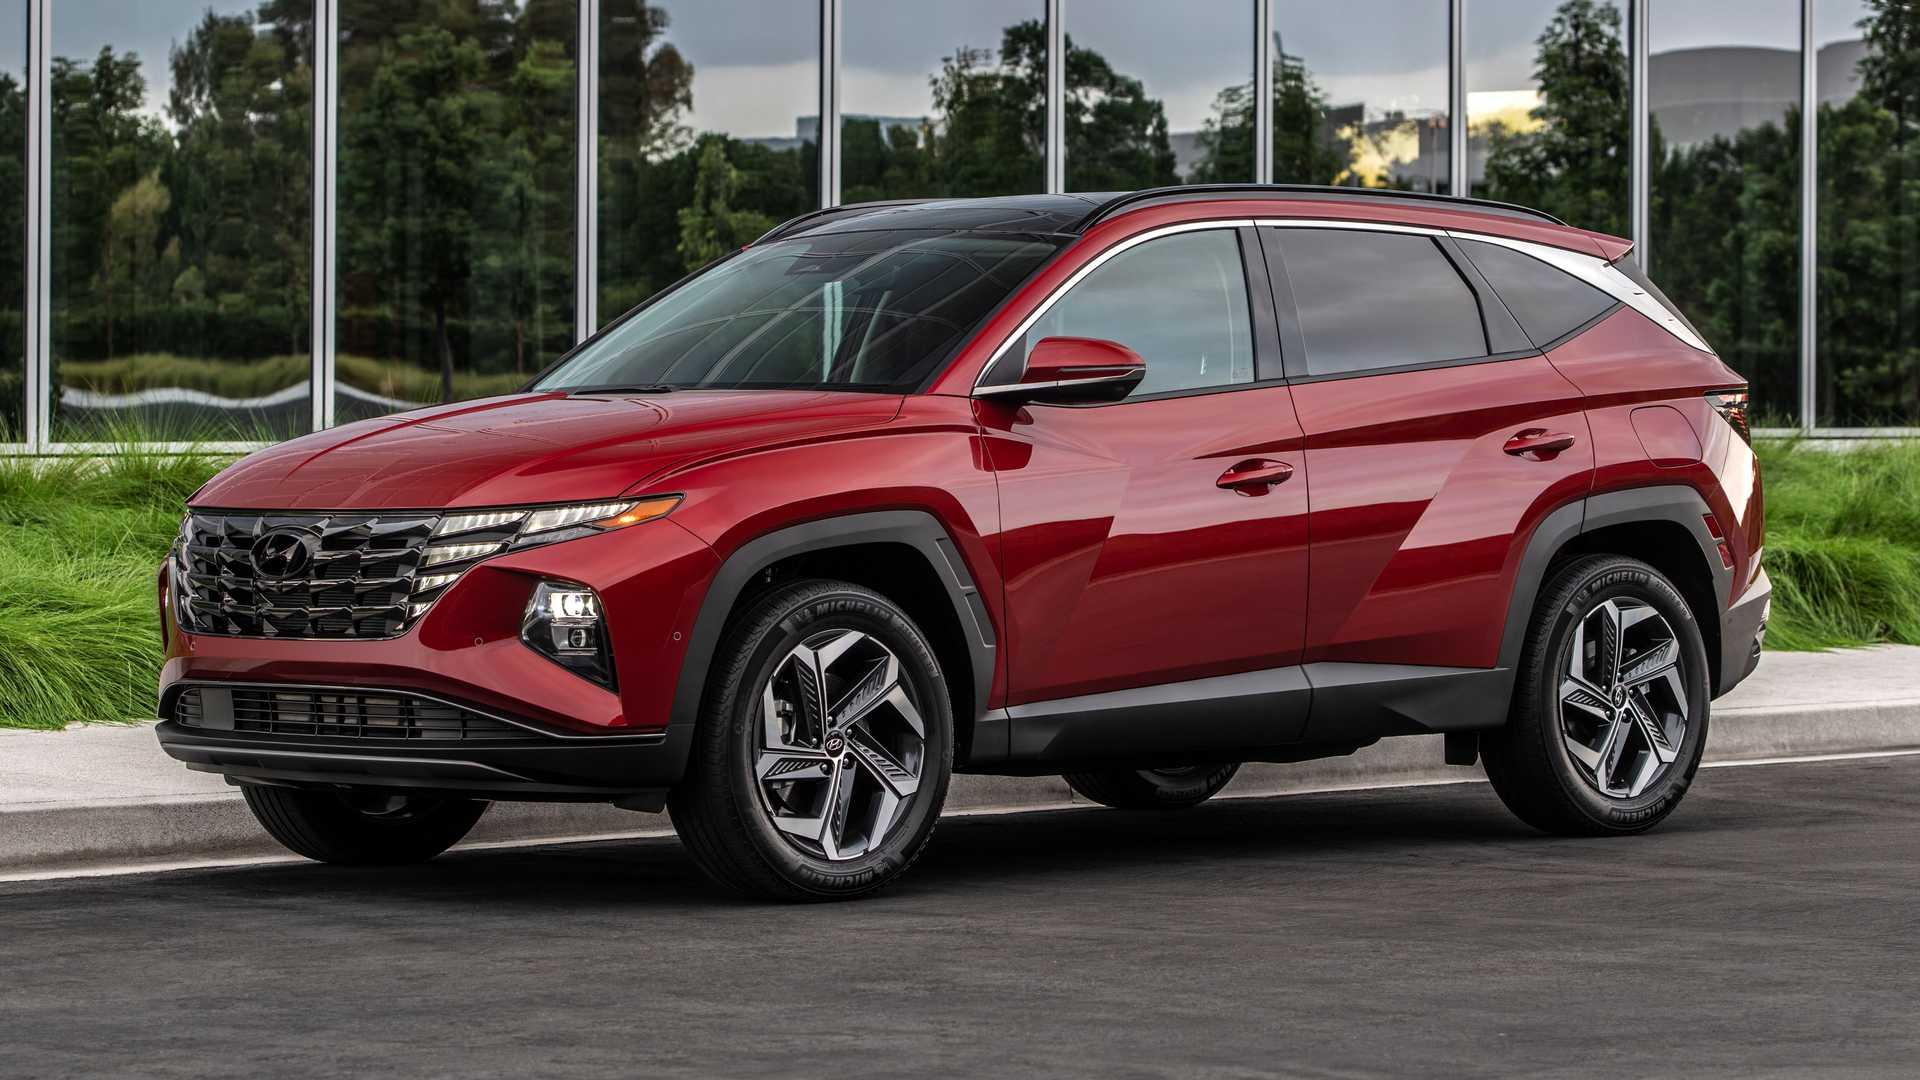 New Hyundai Tucson Takes the Dreaded European Moose Test 1